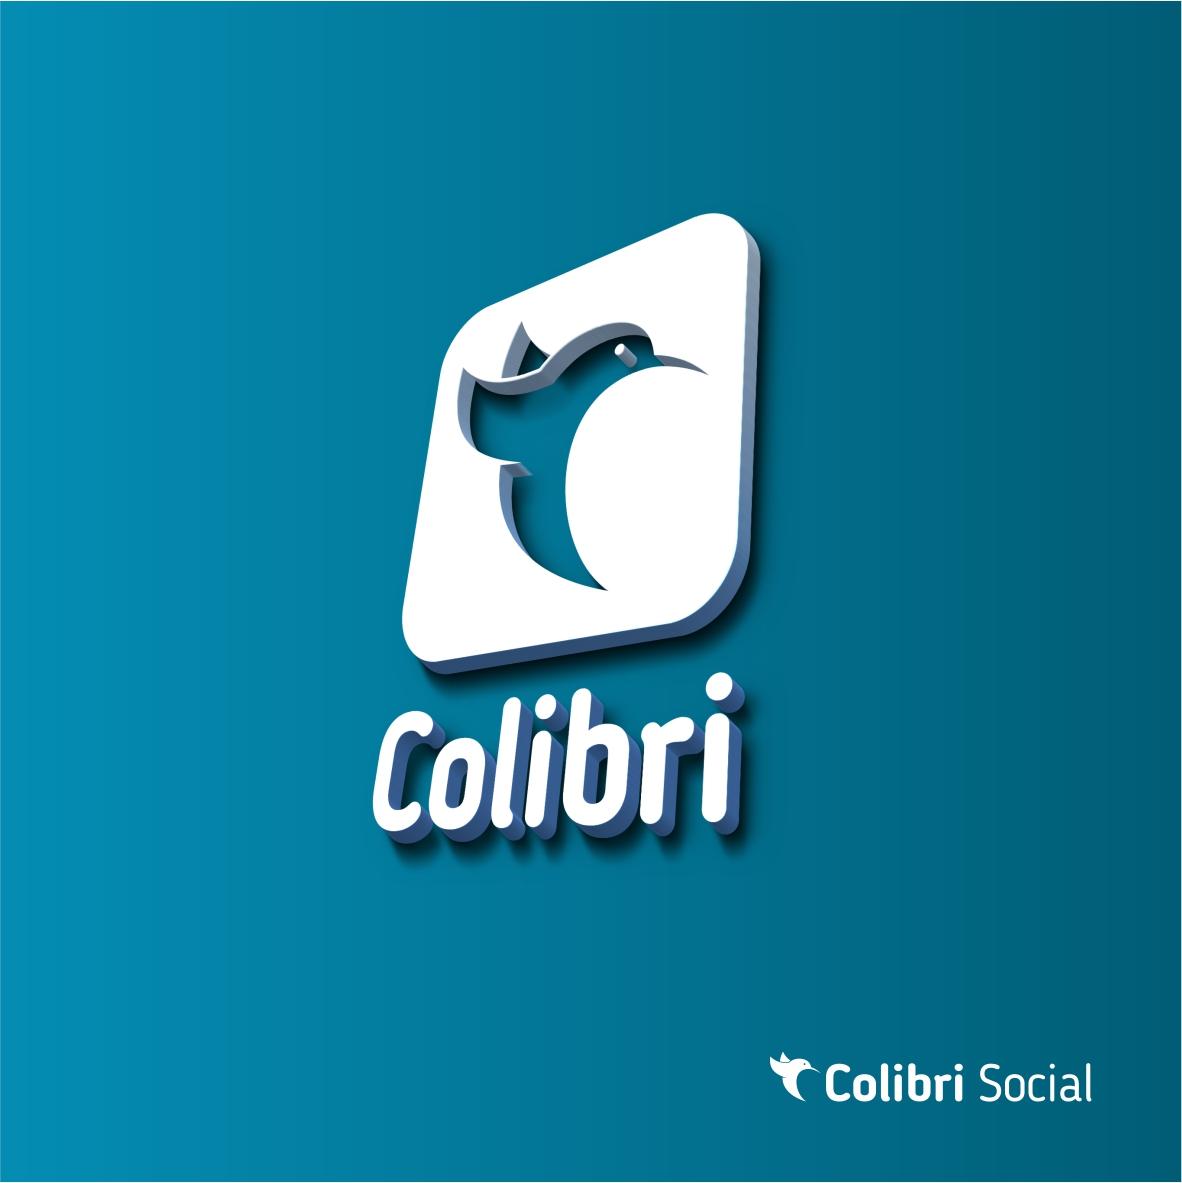 Дизайнер, разработка логотипа компании фото f_471557f21a229a10.jpg